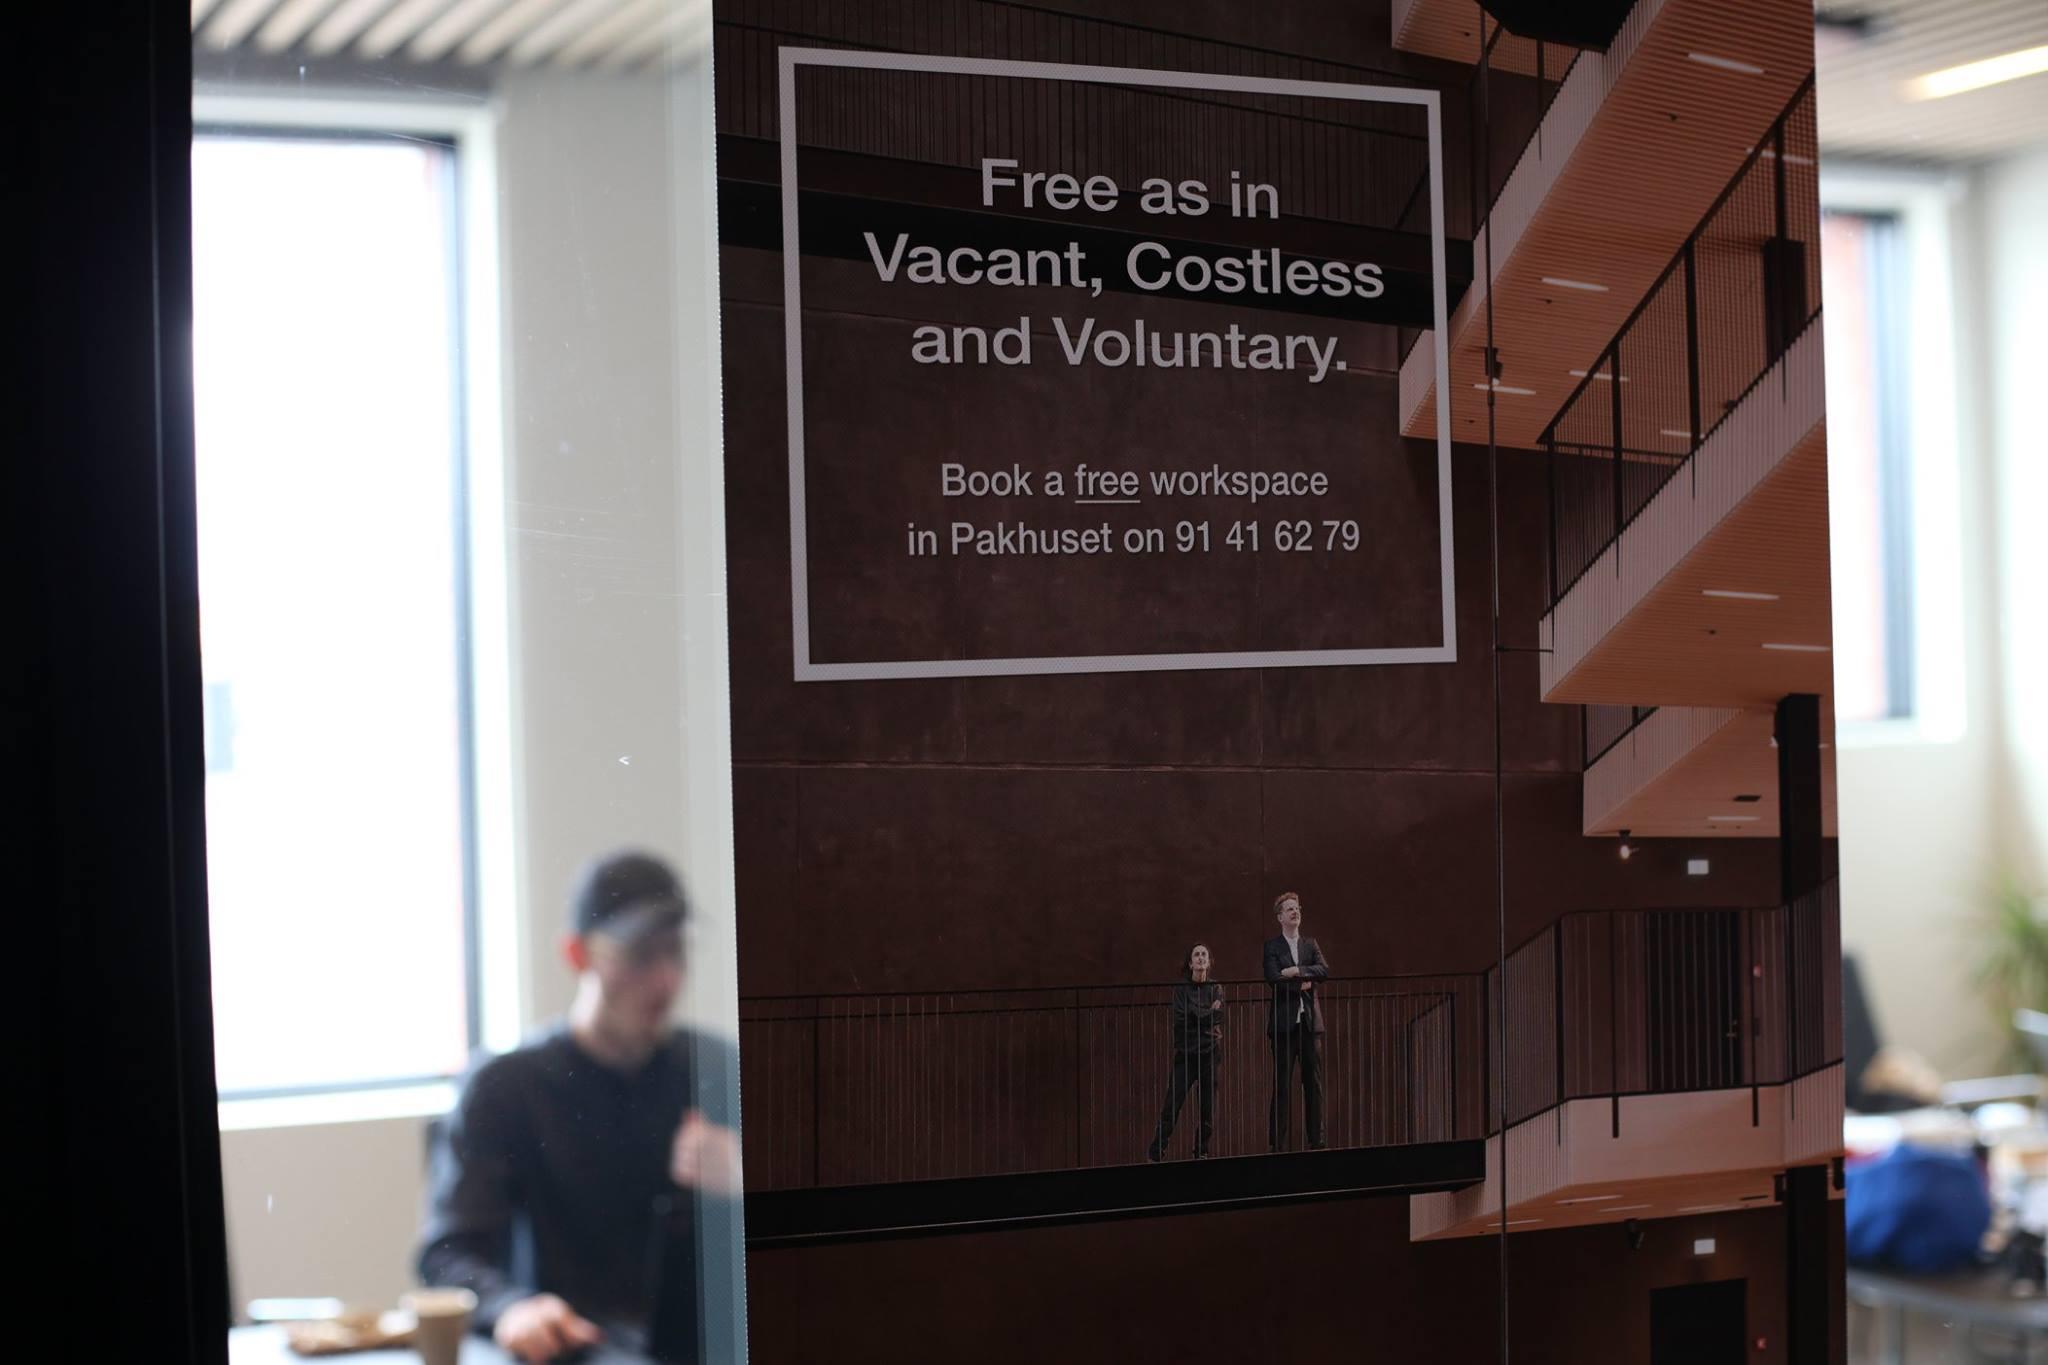 Hannibal Andersen - Free as in Vacant, Costless as in Volentary.jpg